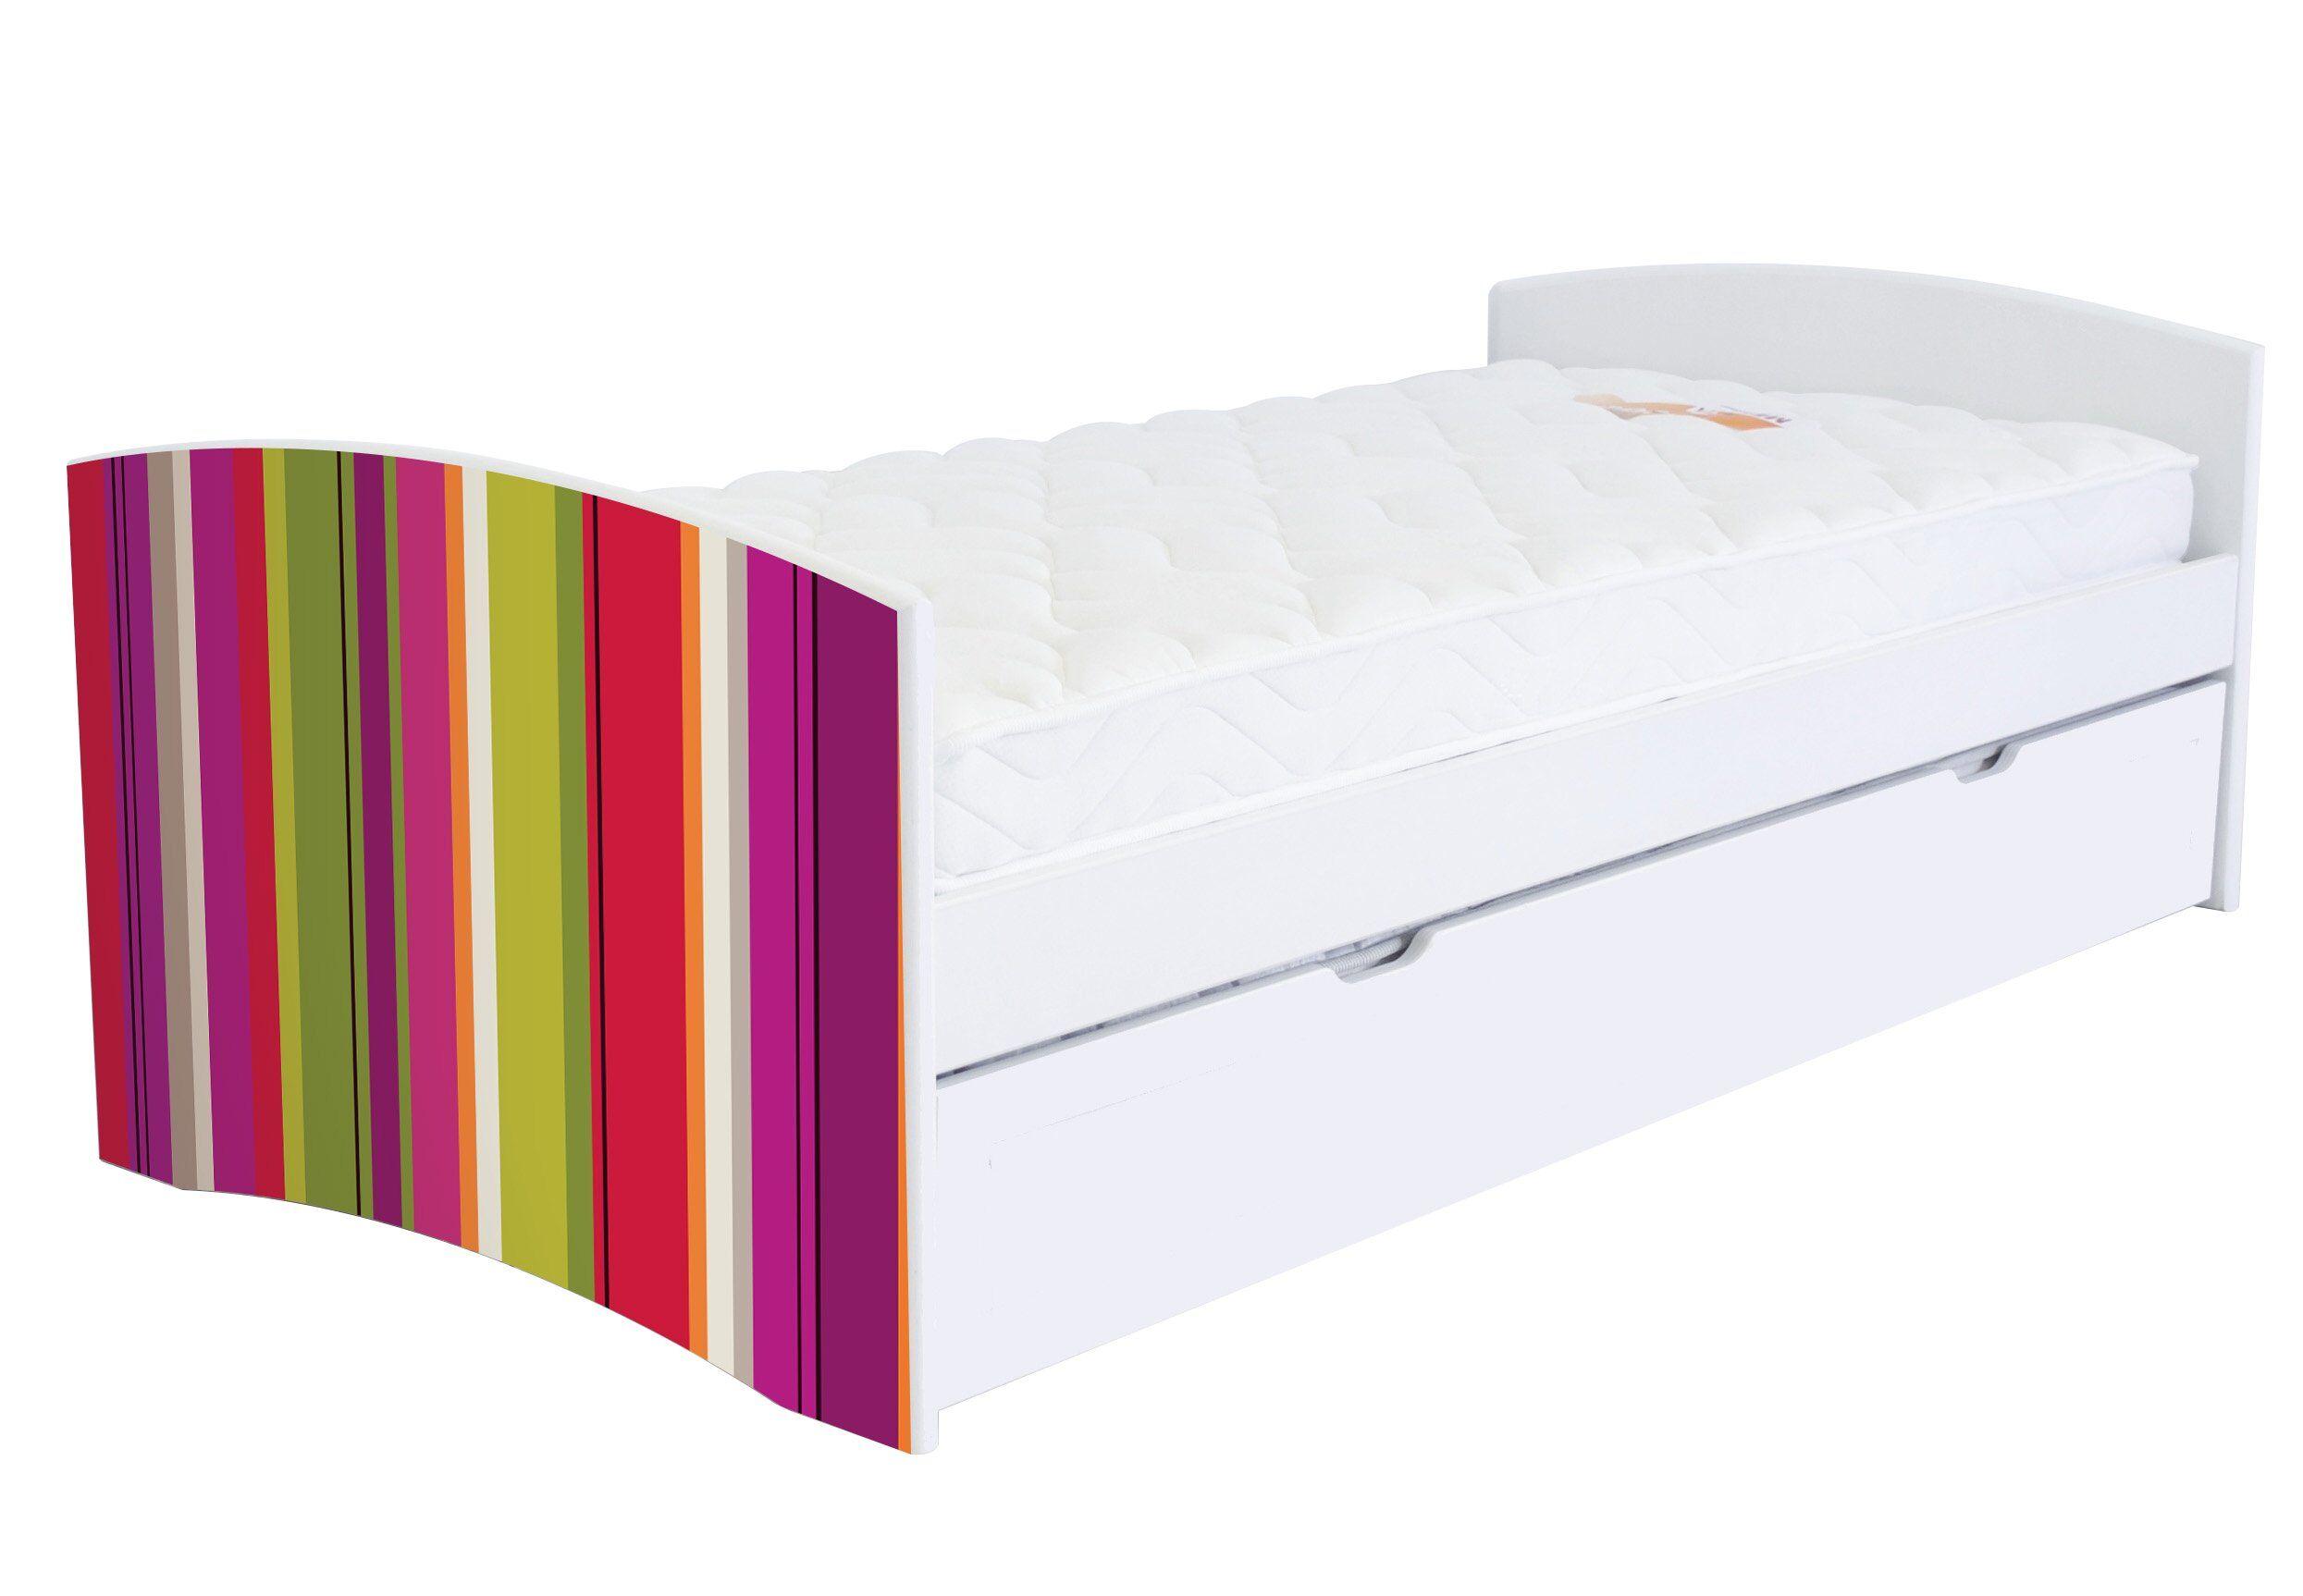 ABC MEUBLES Banquette lit gigogne Happy 90x190 cm bois et décor - 90x190 - Rayures Anis,Fuschia,Citrouille